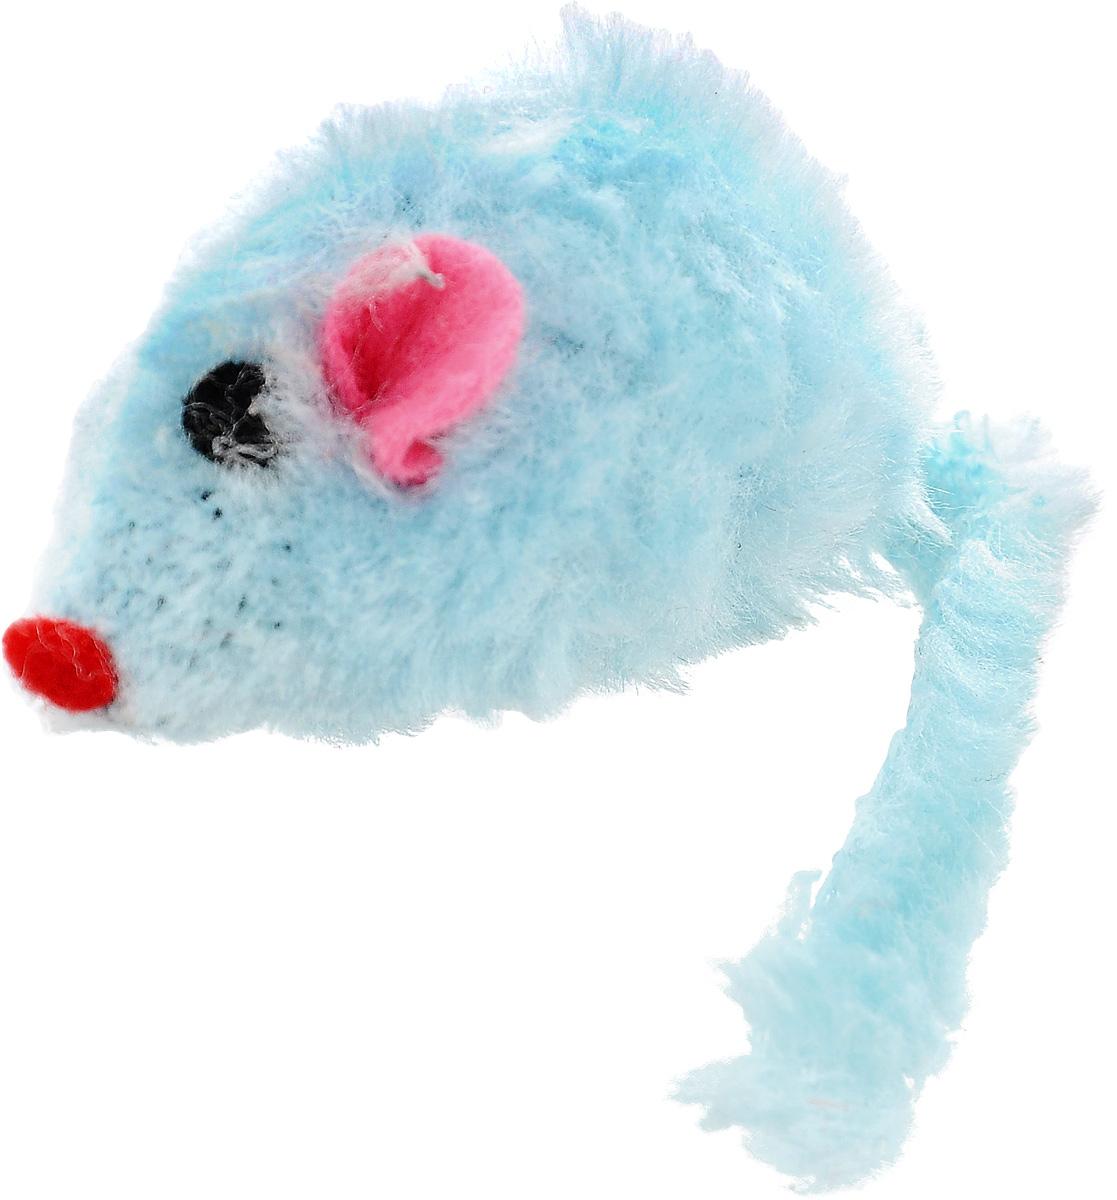 Игрушка для кошек Каскад Мышь, с коротким мехом, цвет: голубой, длина 12,5 см27754633_голубойИгрушка для кошек Каскад Мышь изготовлена из искусственного меха и пластика. Такая игрушка порадует вашего любимца, а вам доставит массу приятных эмоций, ведь наблюдать за игрой всегда интересно и приятно. Общая длина игрушки: 12,5 см.